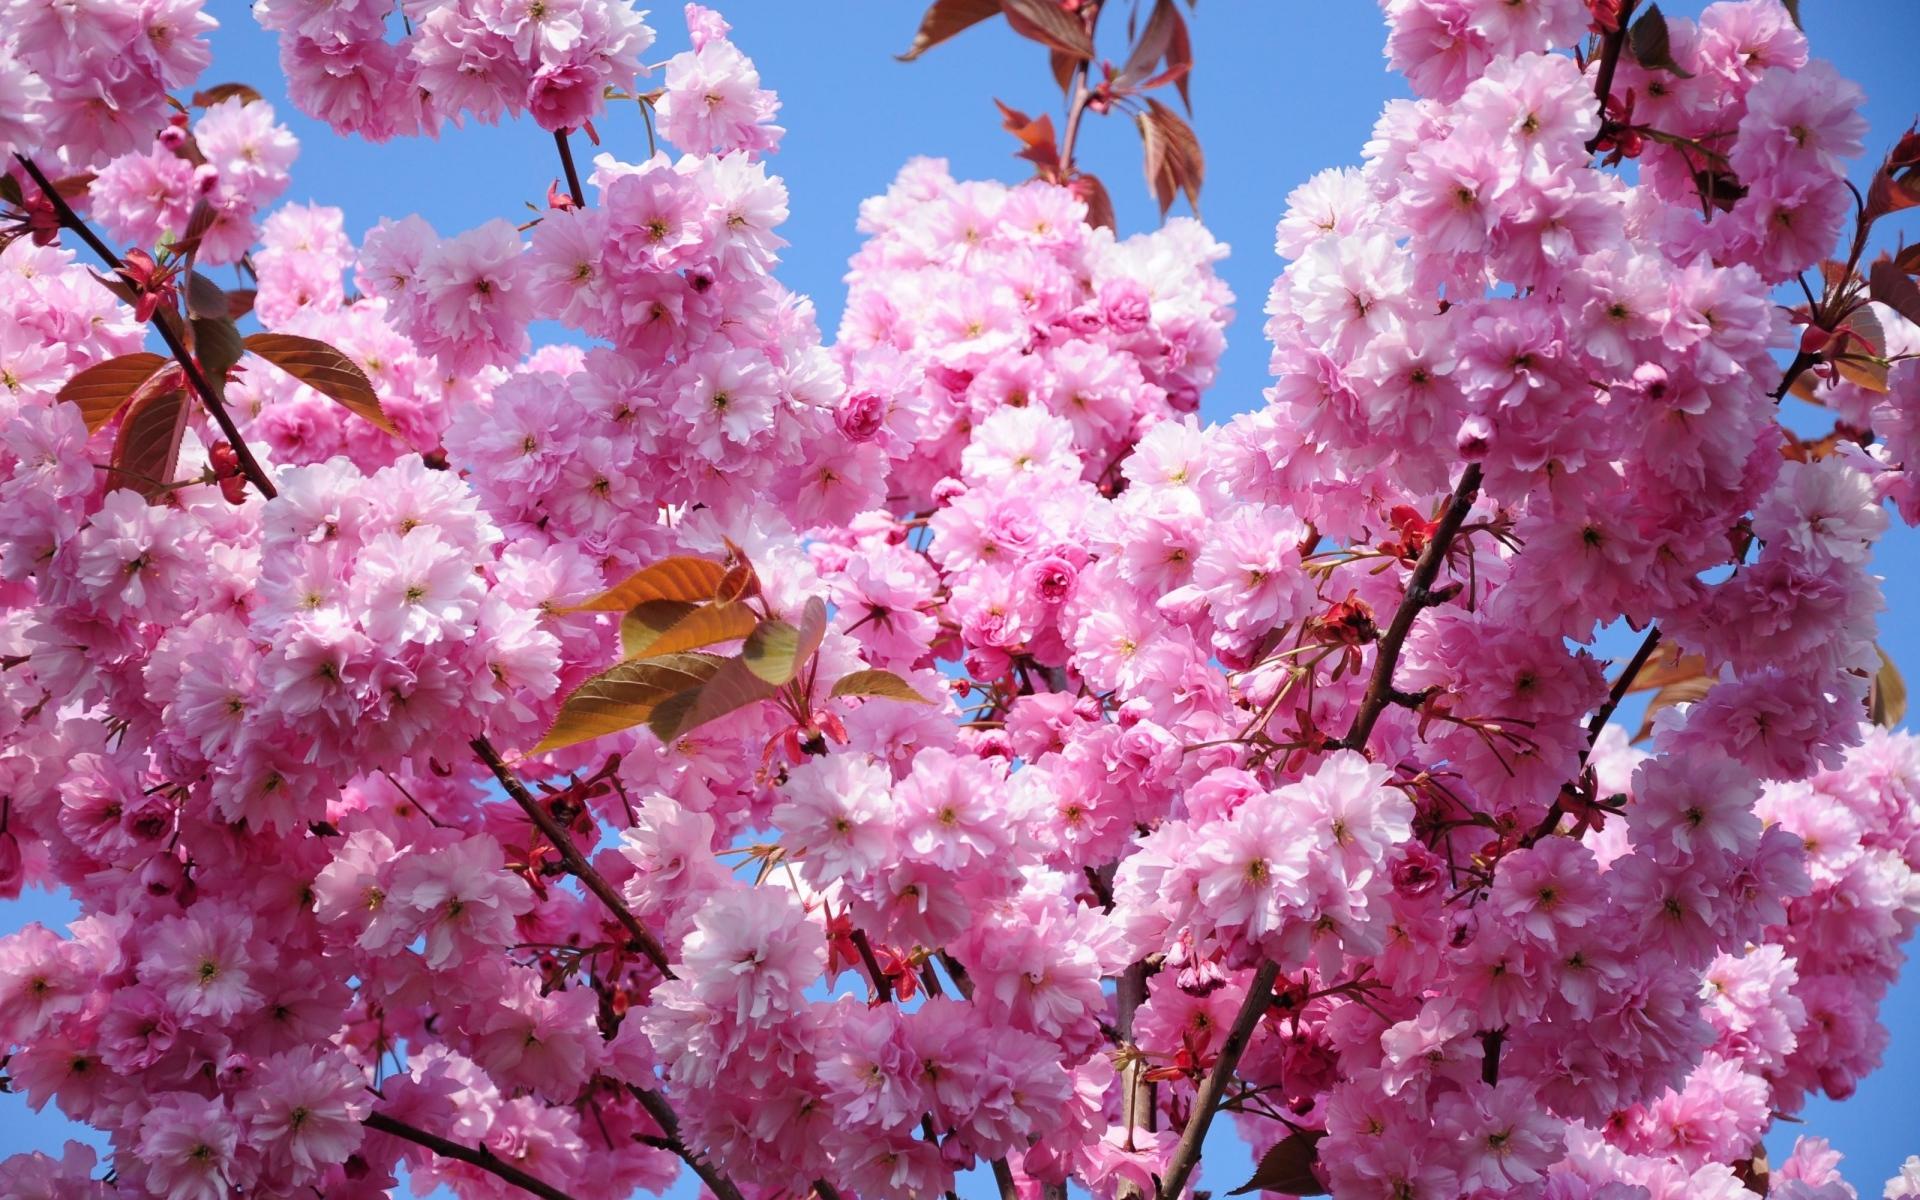 Картинки Вишня, цветок, ветка, весна, листва, небо фото и обои на рабочий стол